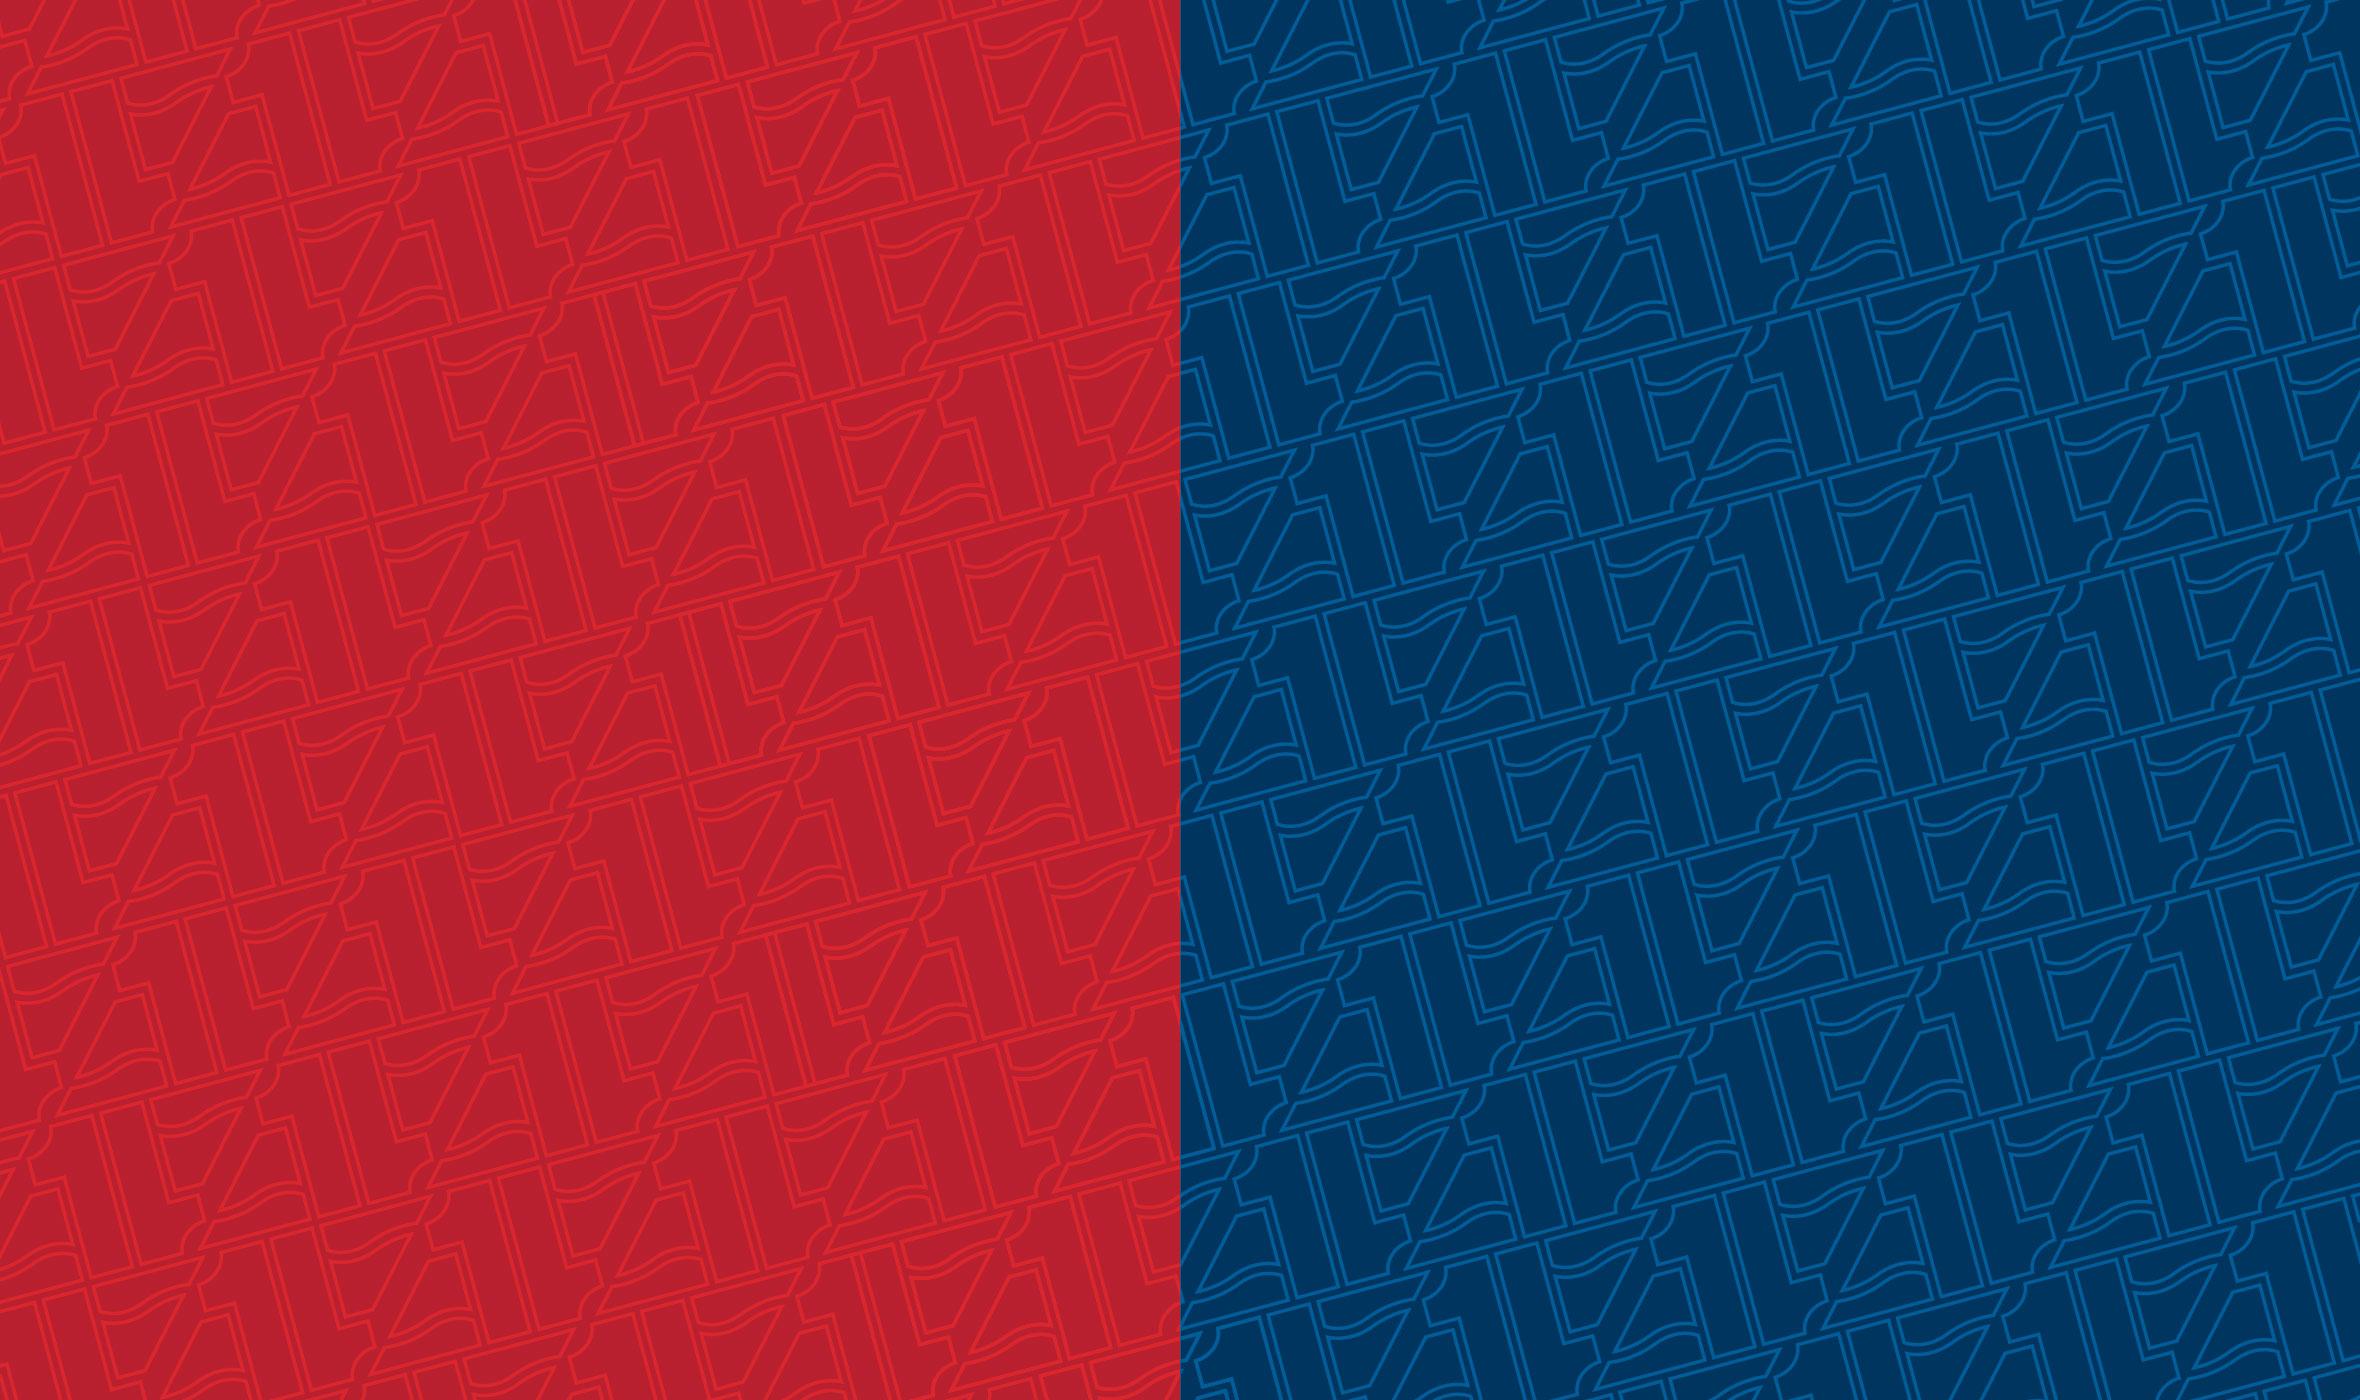 FIBT_Pattern_2360x1400